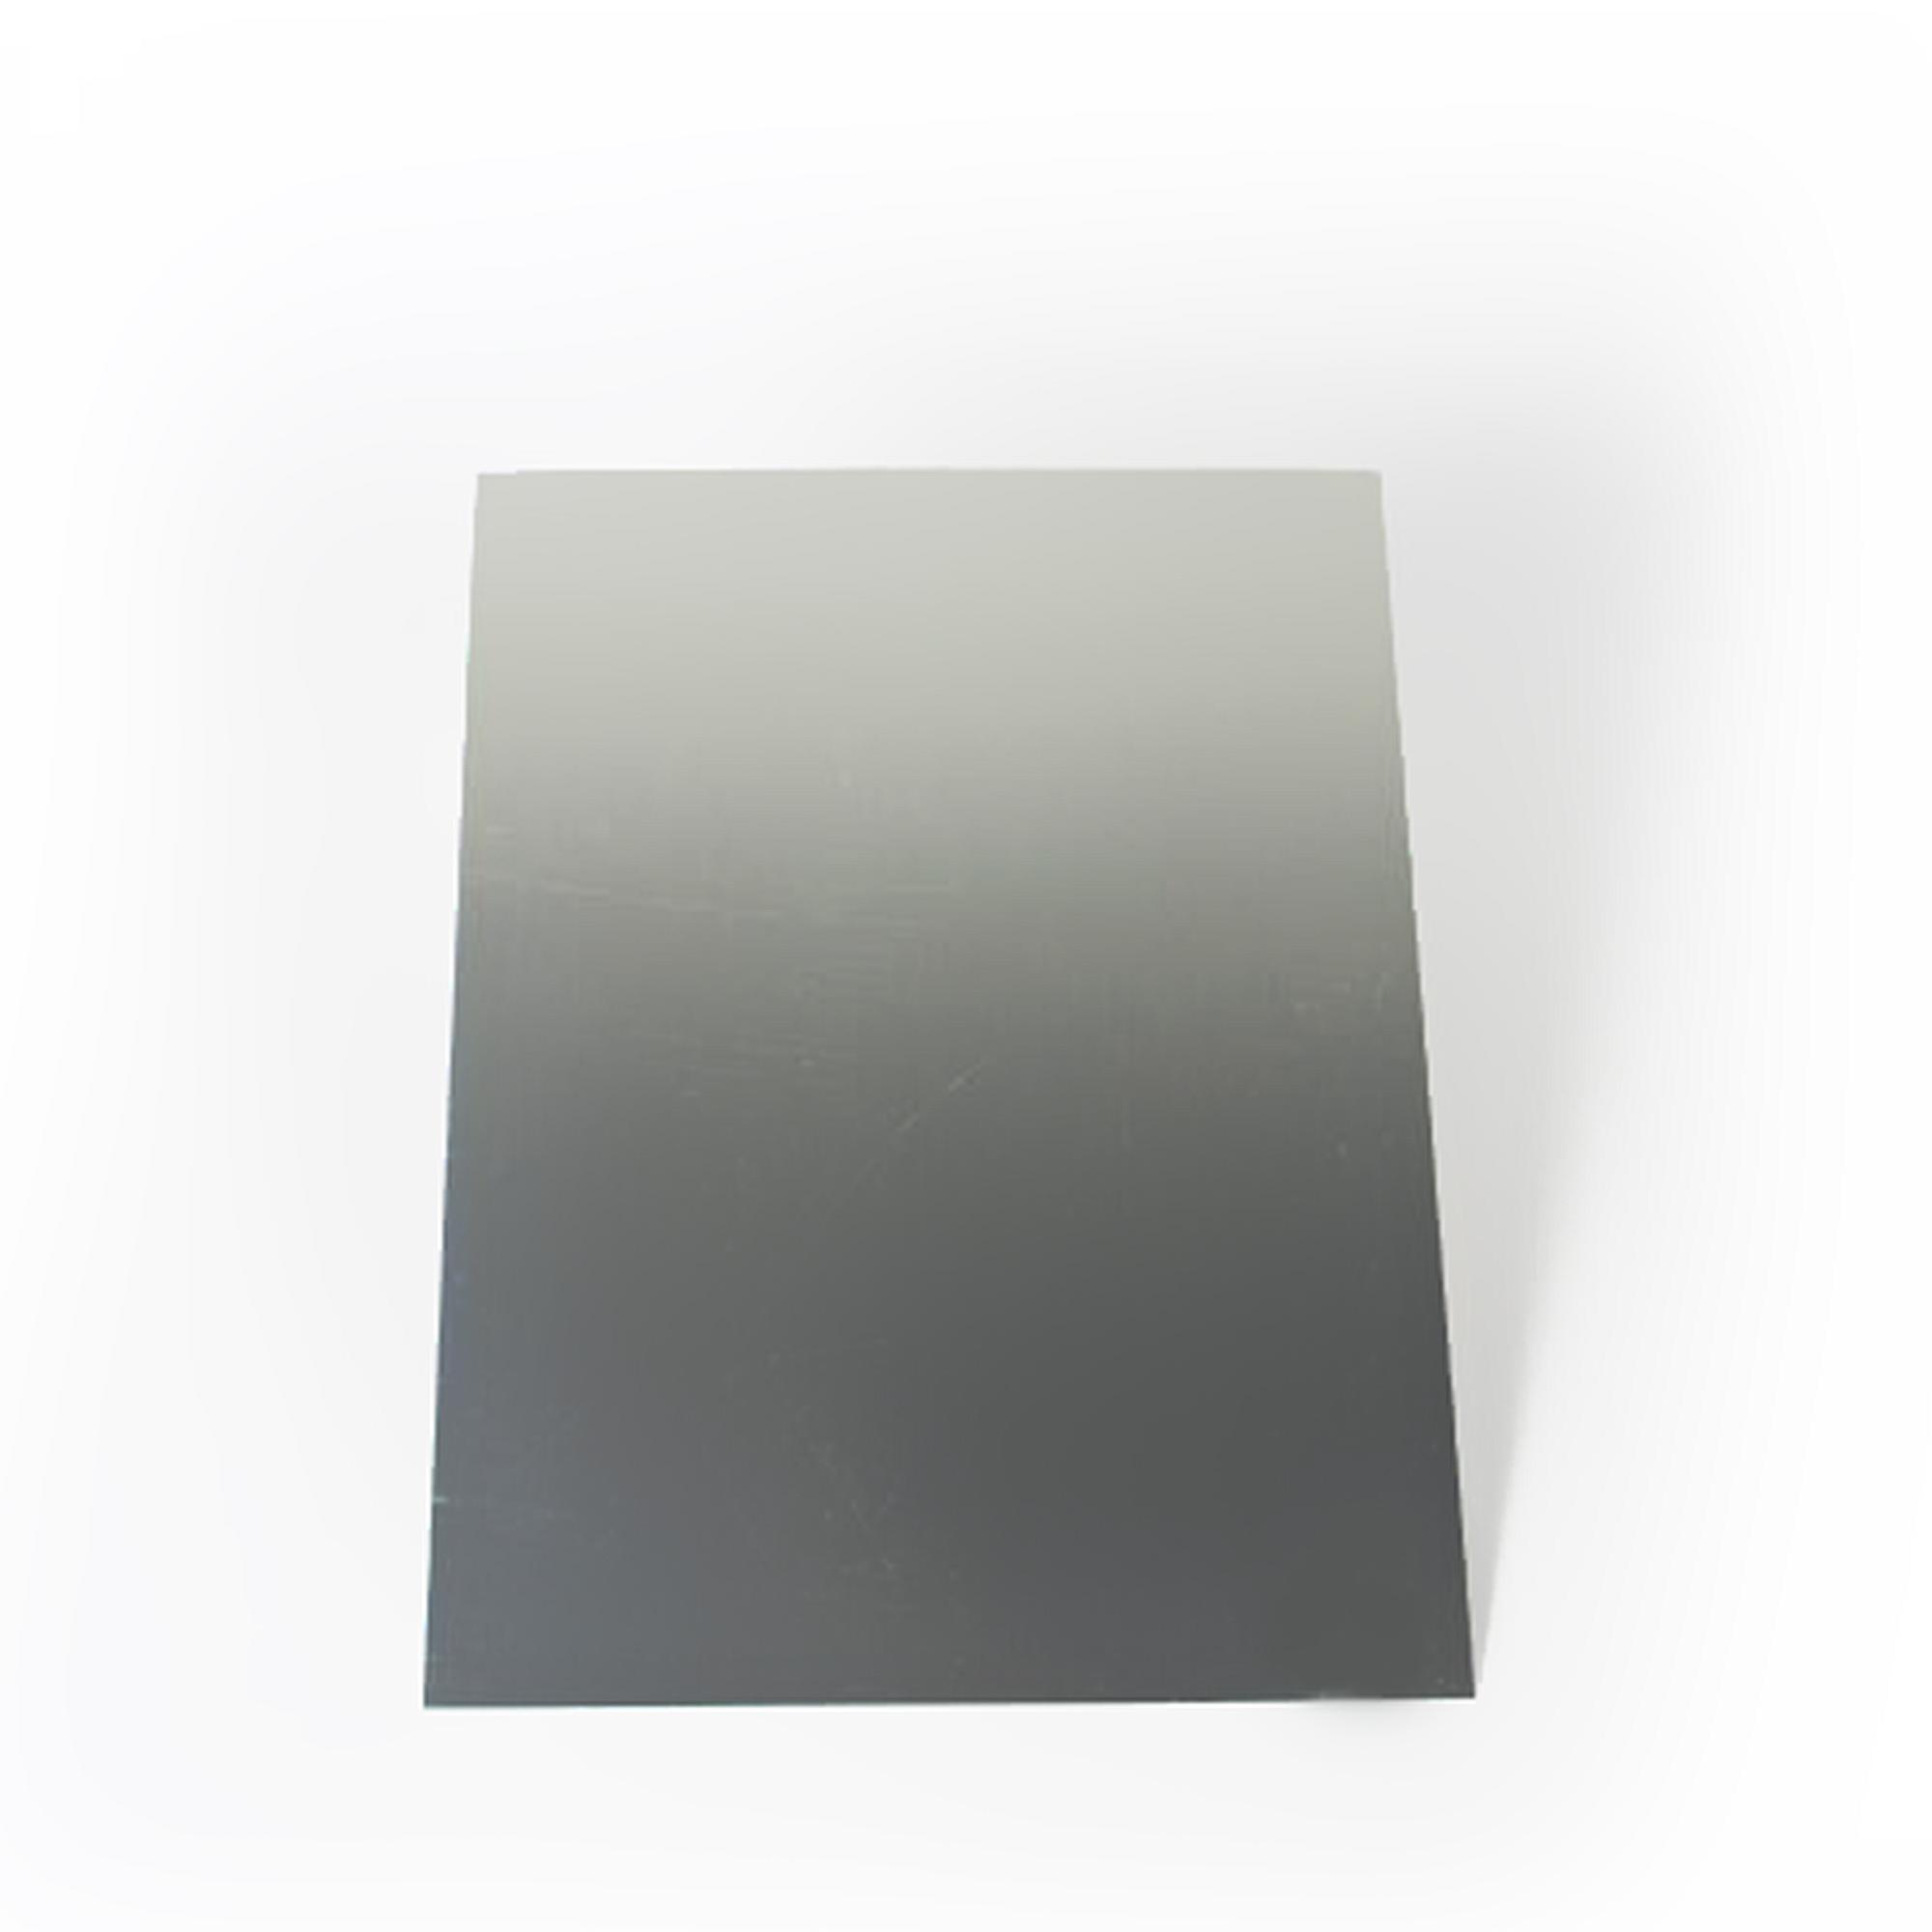 Металлическая мелкозернистая матовая пластина формата А4